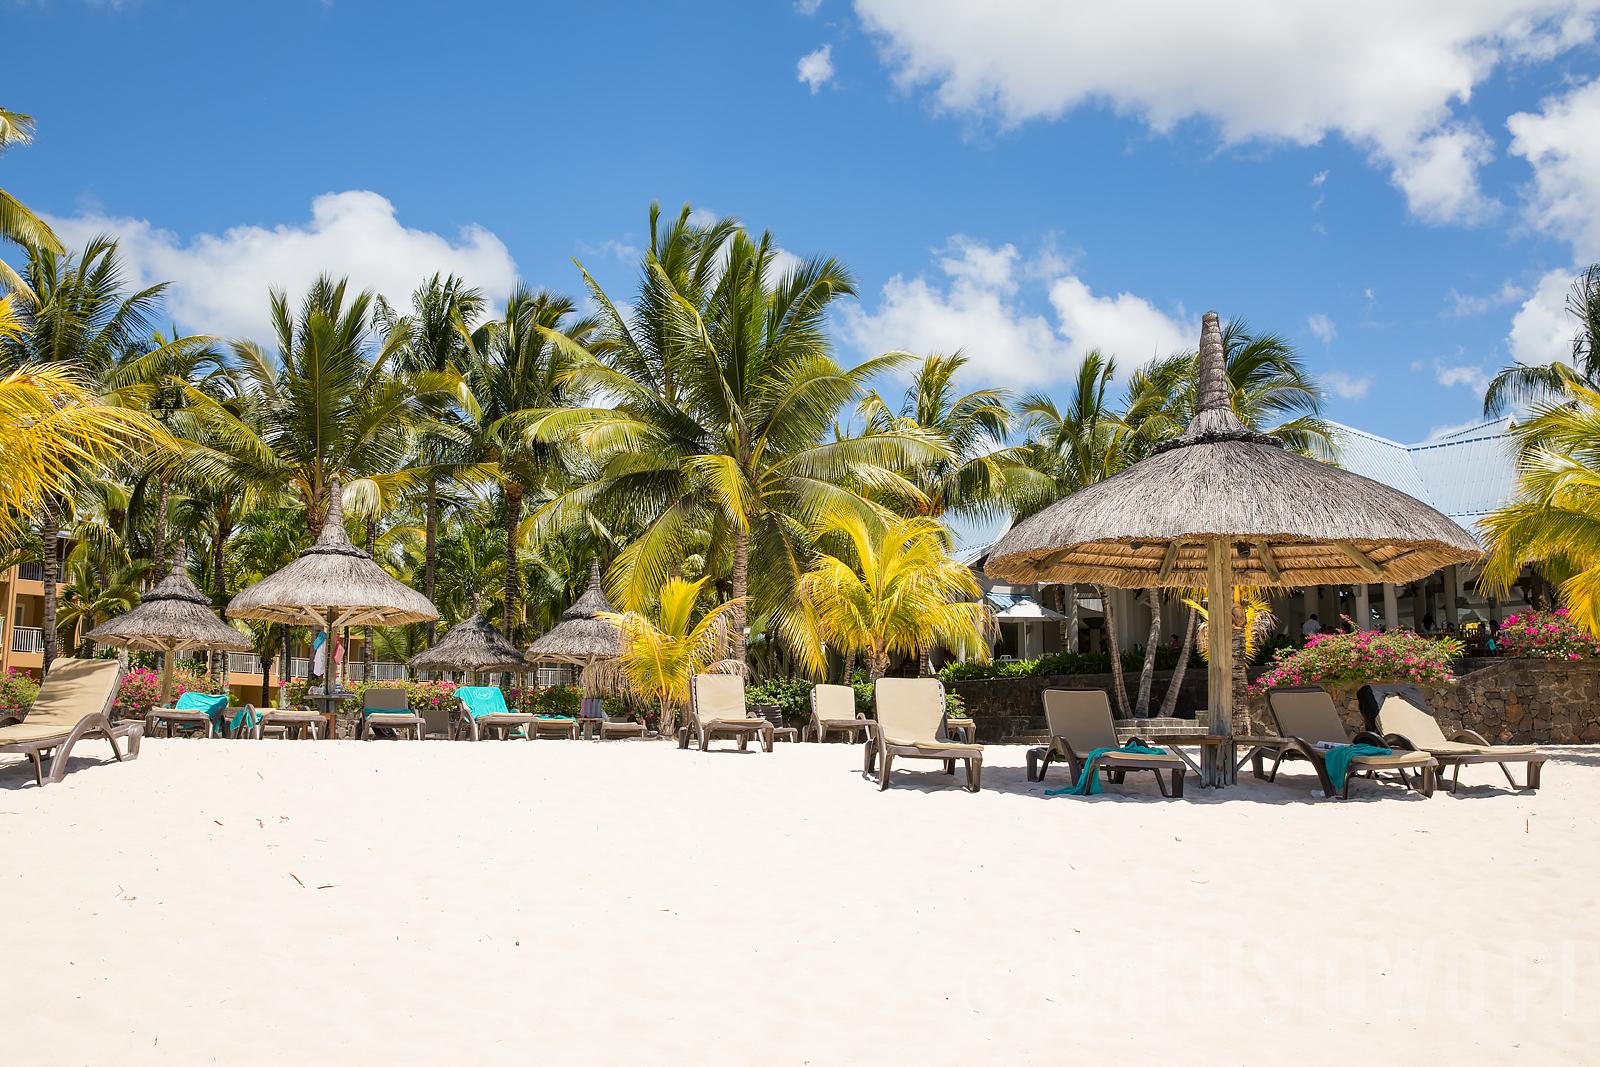 mauritius-le-meridien-photos-74